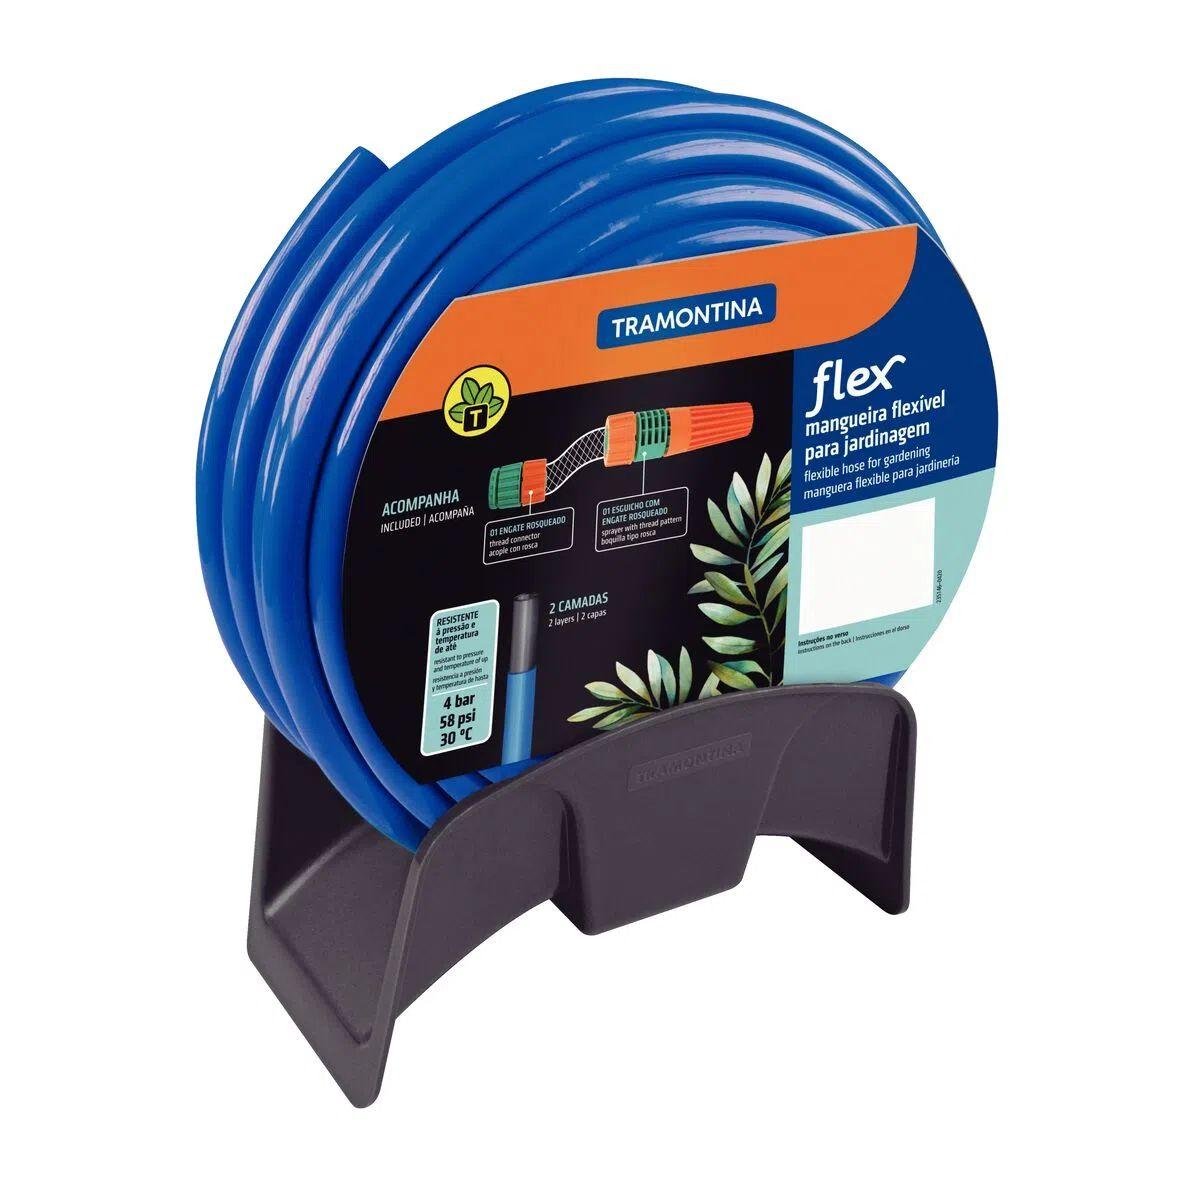 Mangueira Flex Tramontina Azul em PVC 2 Camadas 20 m com Engate Rosqueado, Esguicho e Suporte Mural